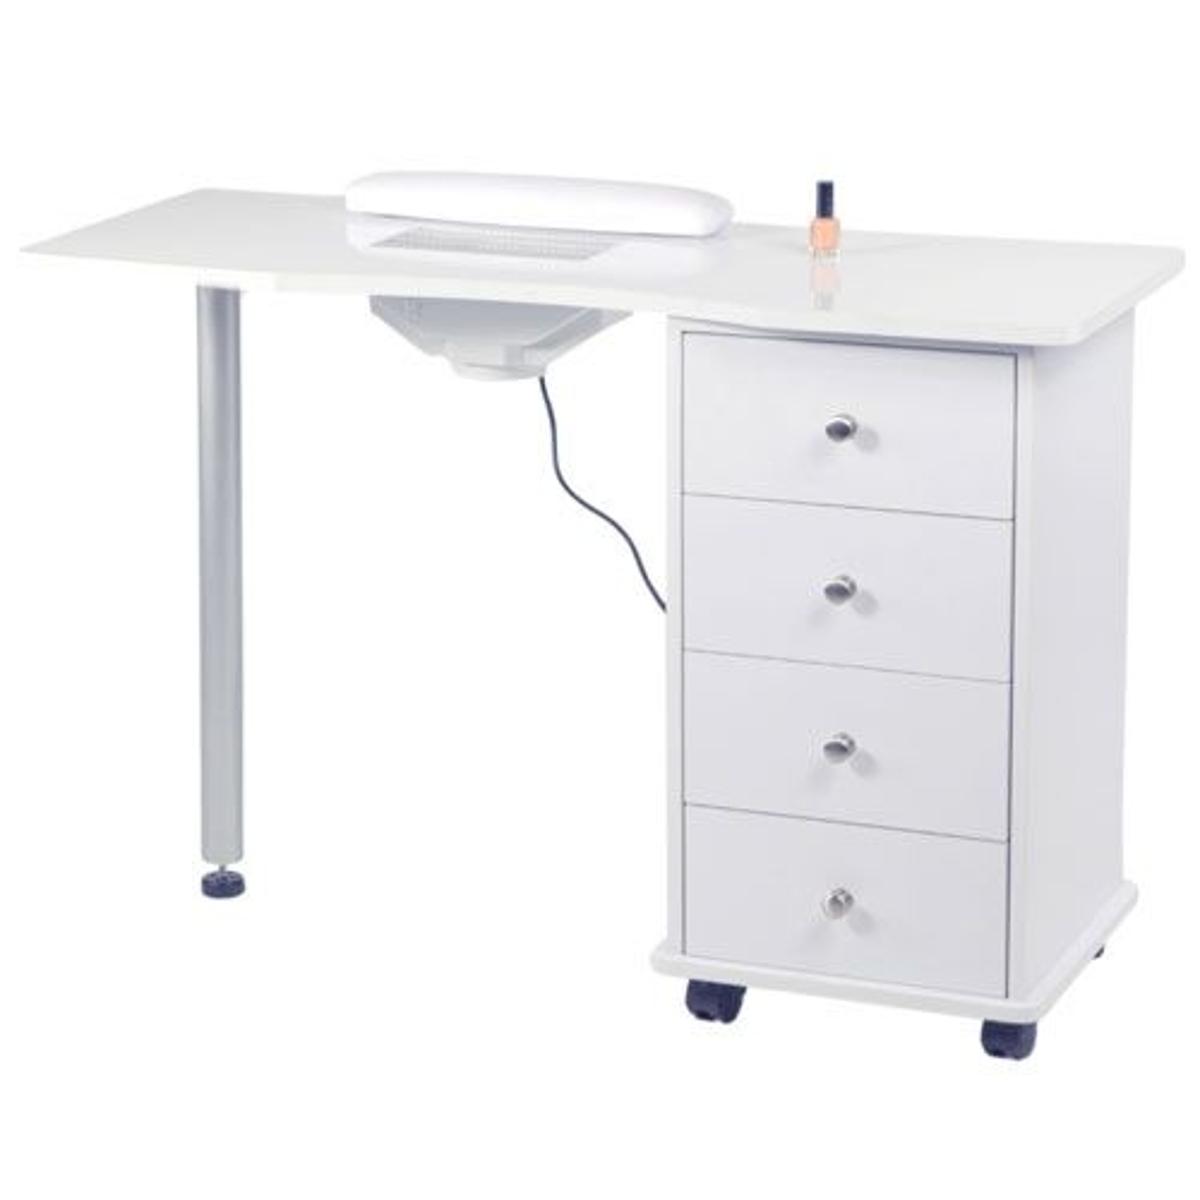 Table manucure avec aspirateur et tiroirs